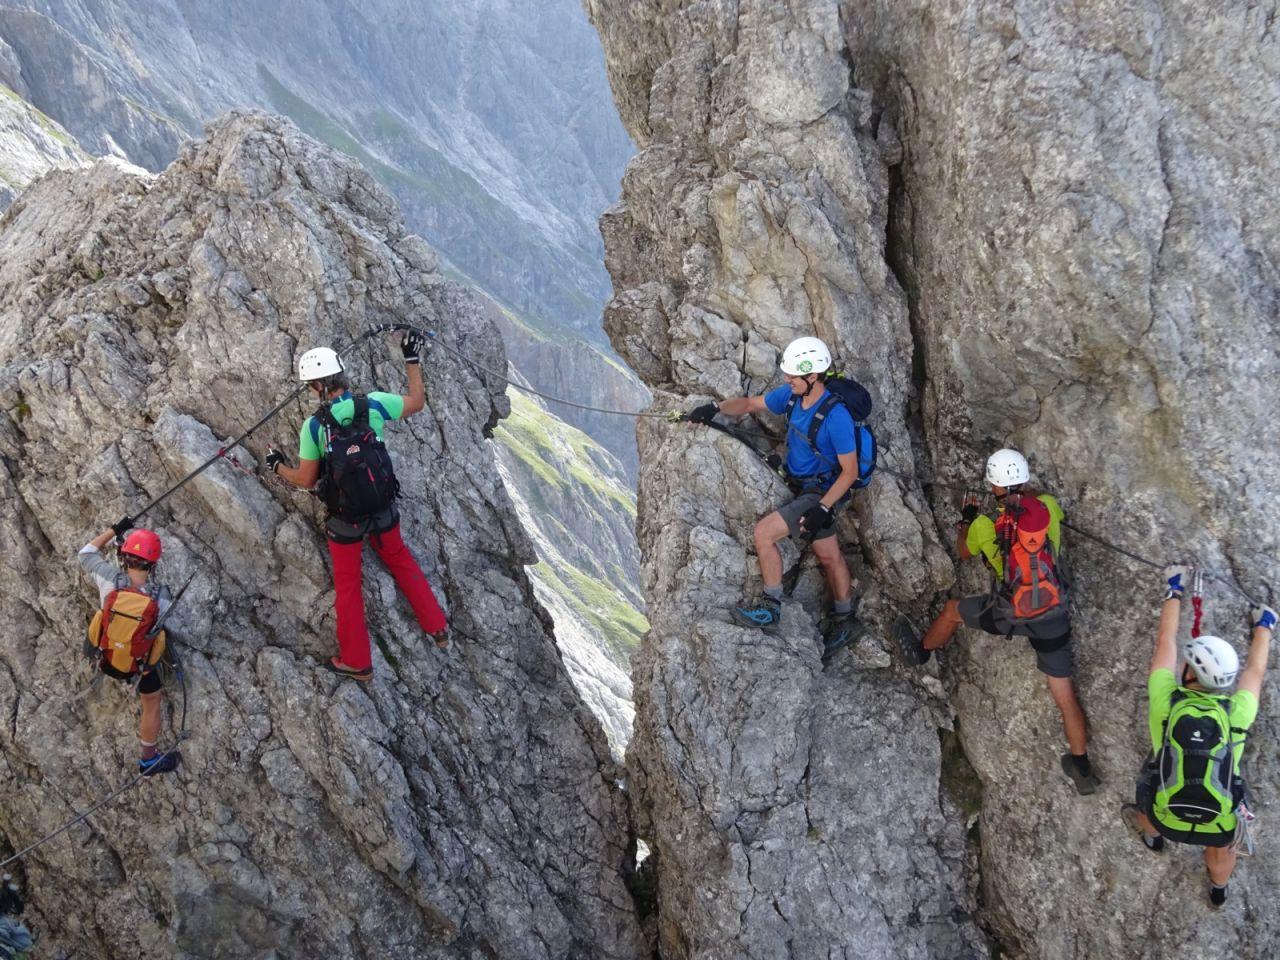 Klettersteig Hochkönig : Bergtour auf den hochkönig touren in berg fels schnee und eis